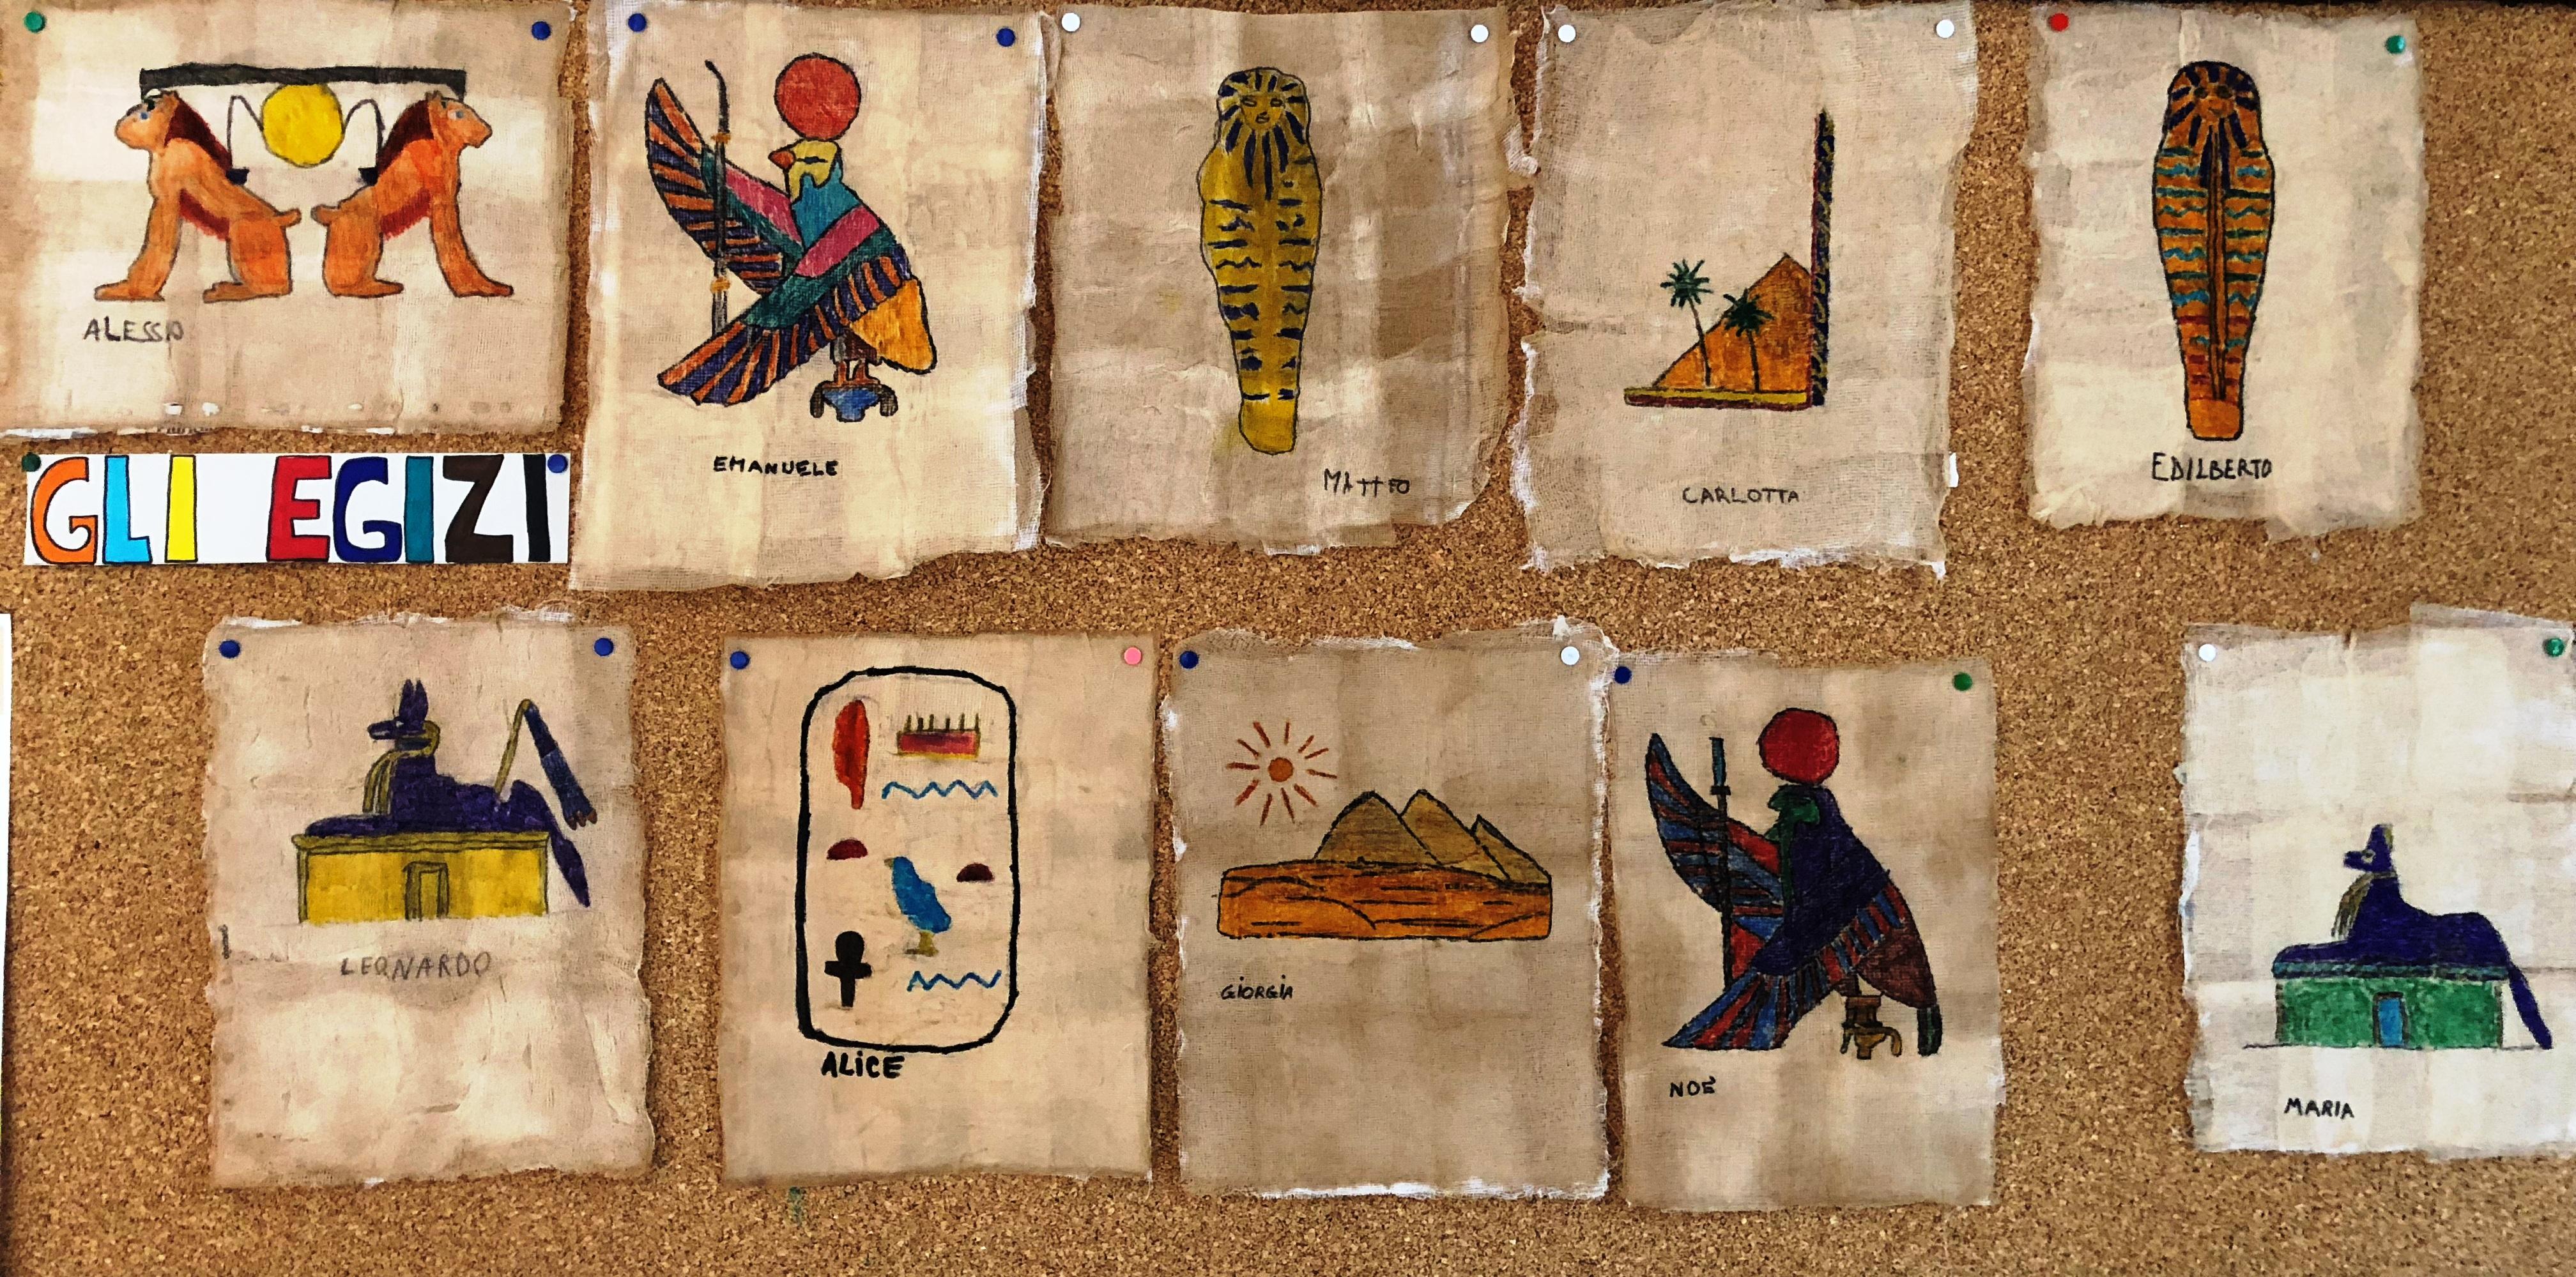 In viaggio con gli Egizi